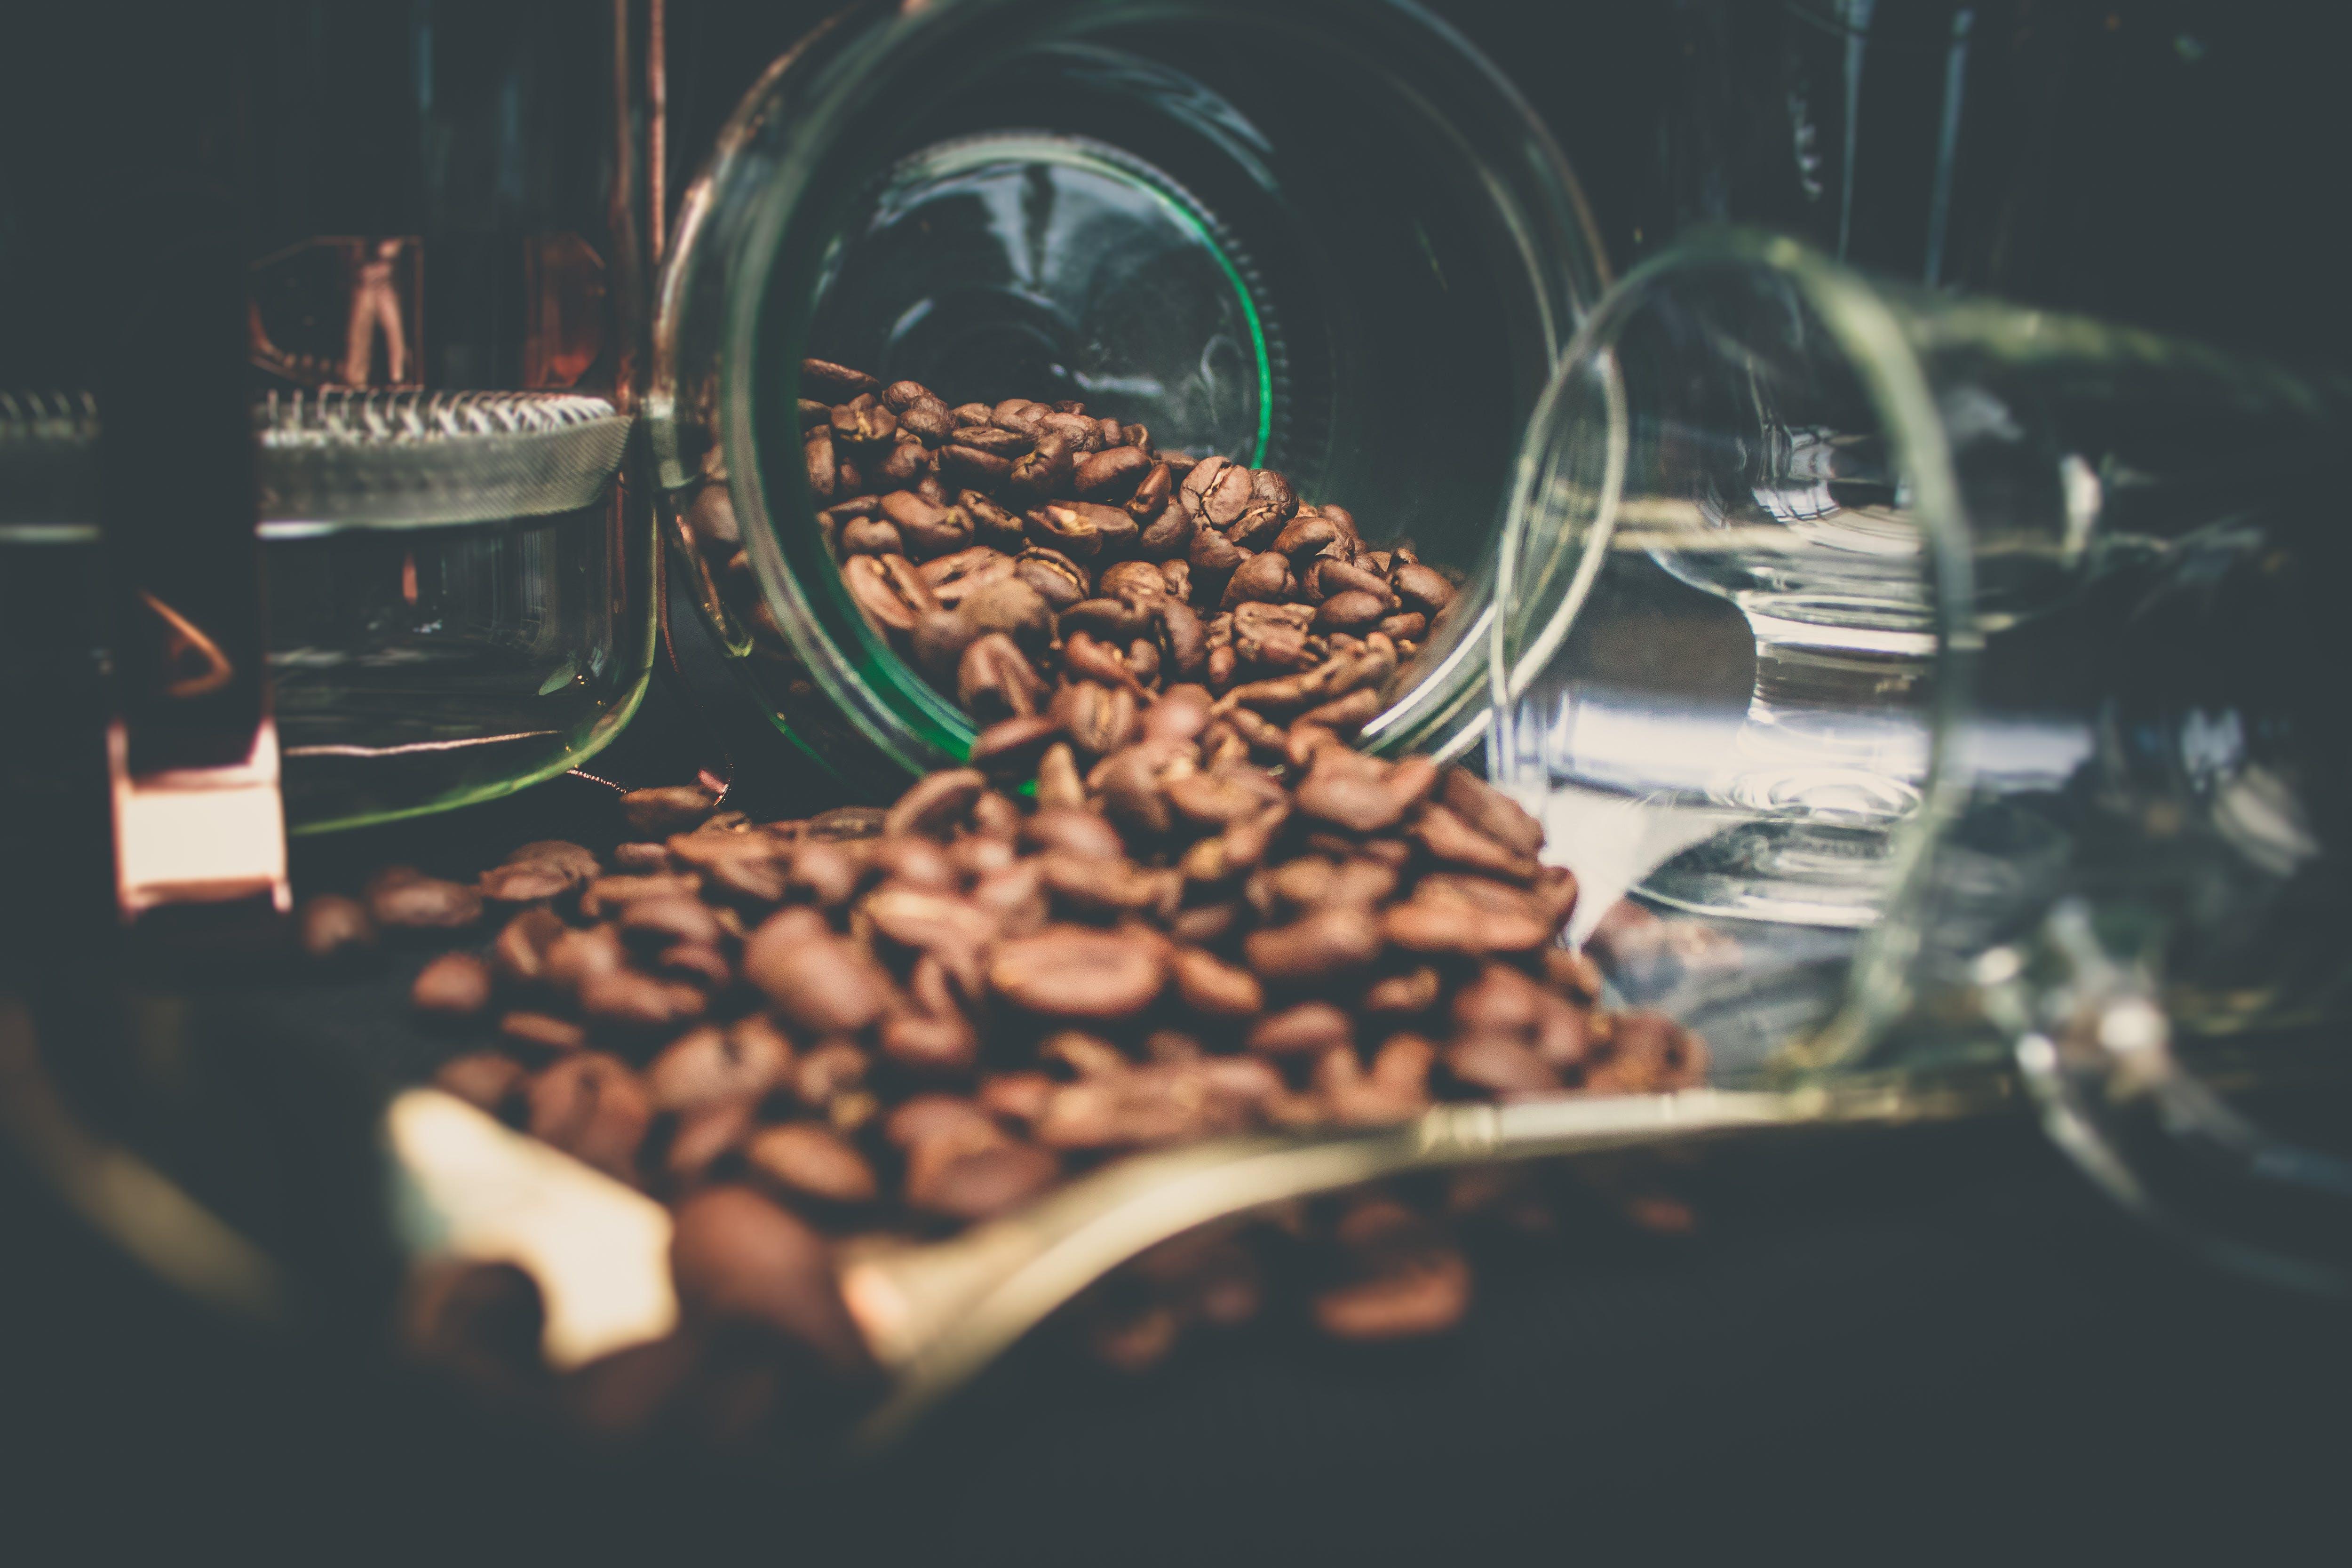 Kostenloses Stock Foto zu glas, kaffee, kaffeebohnen, koffein